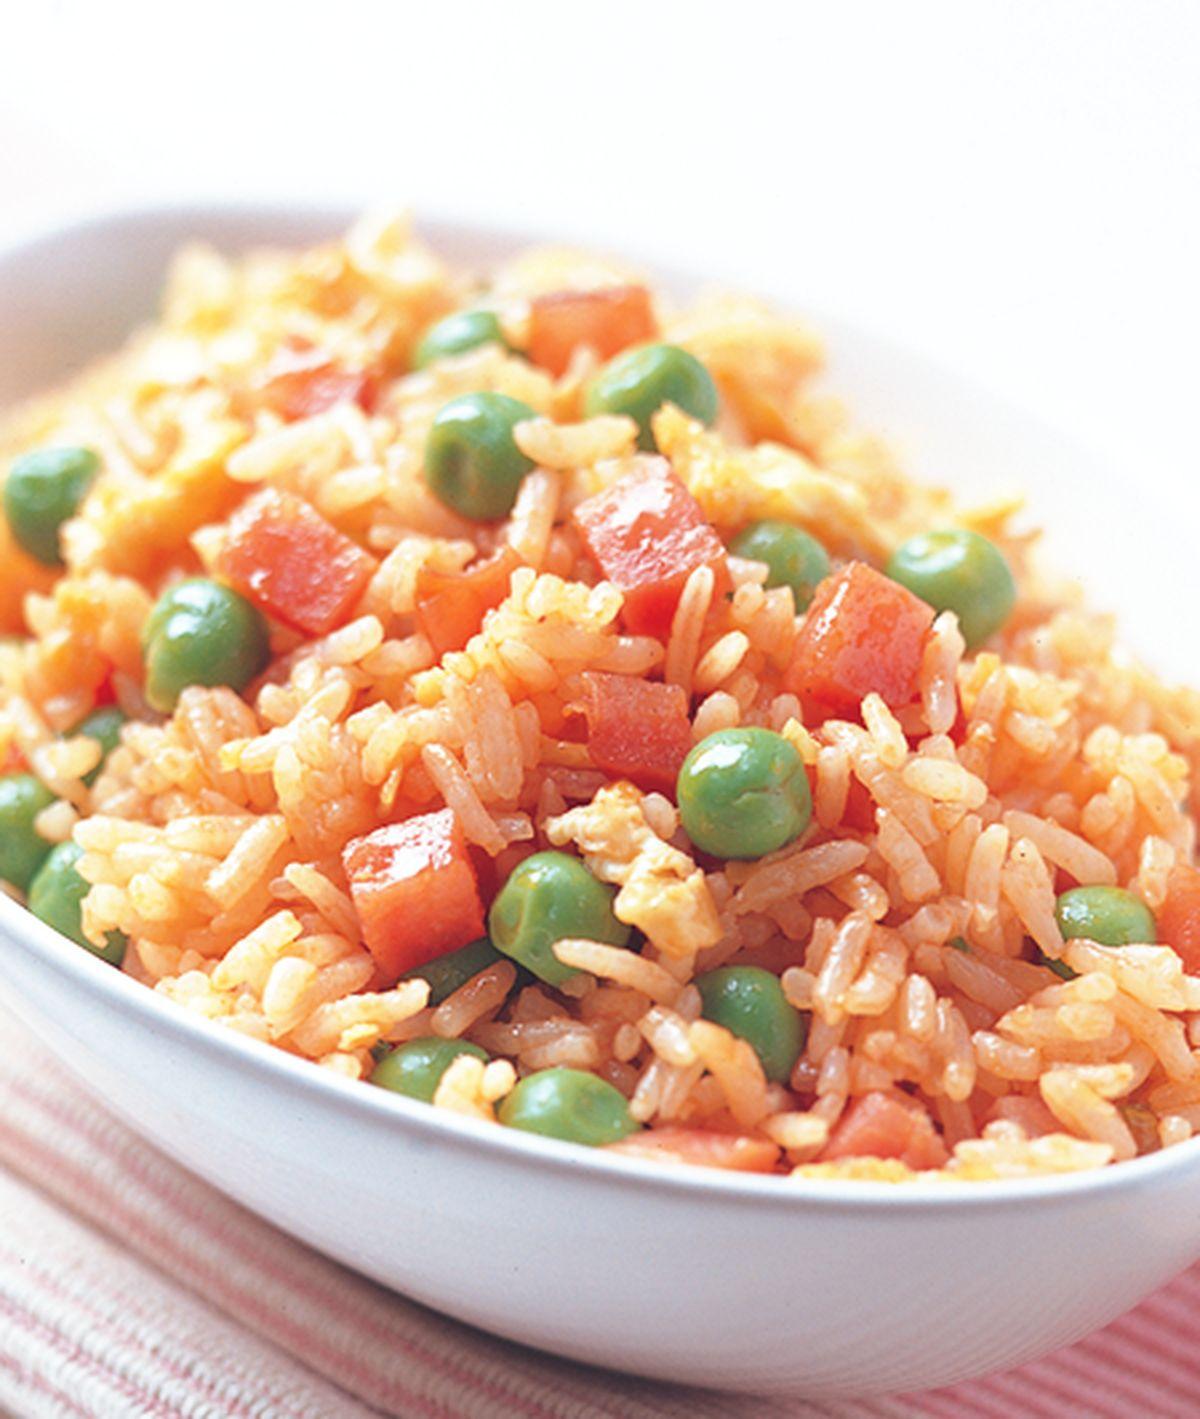 食譜:茄汁香腸炒飯